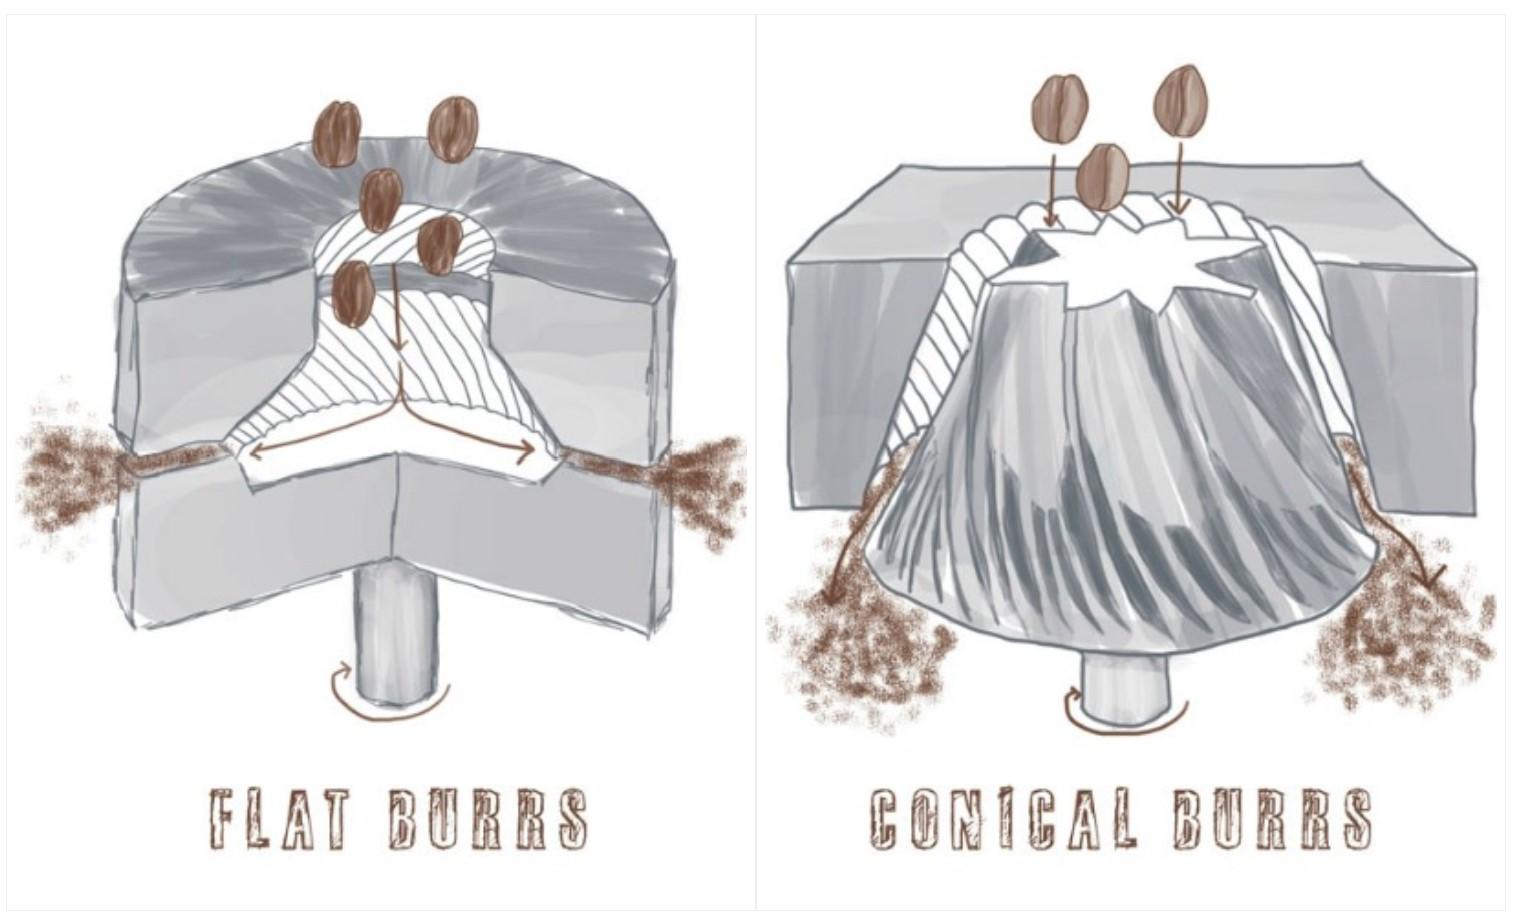 flat vs conical burrs